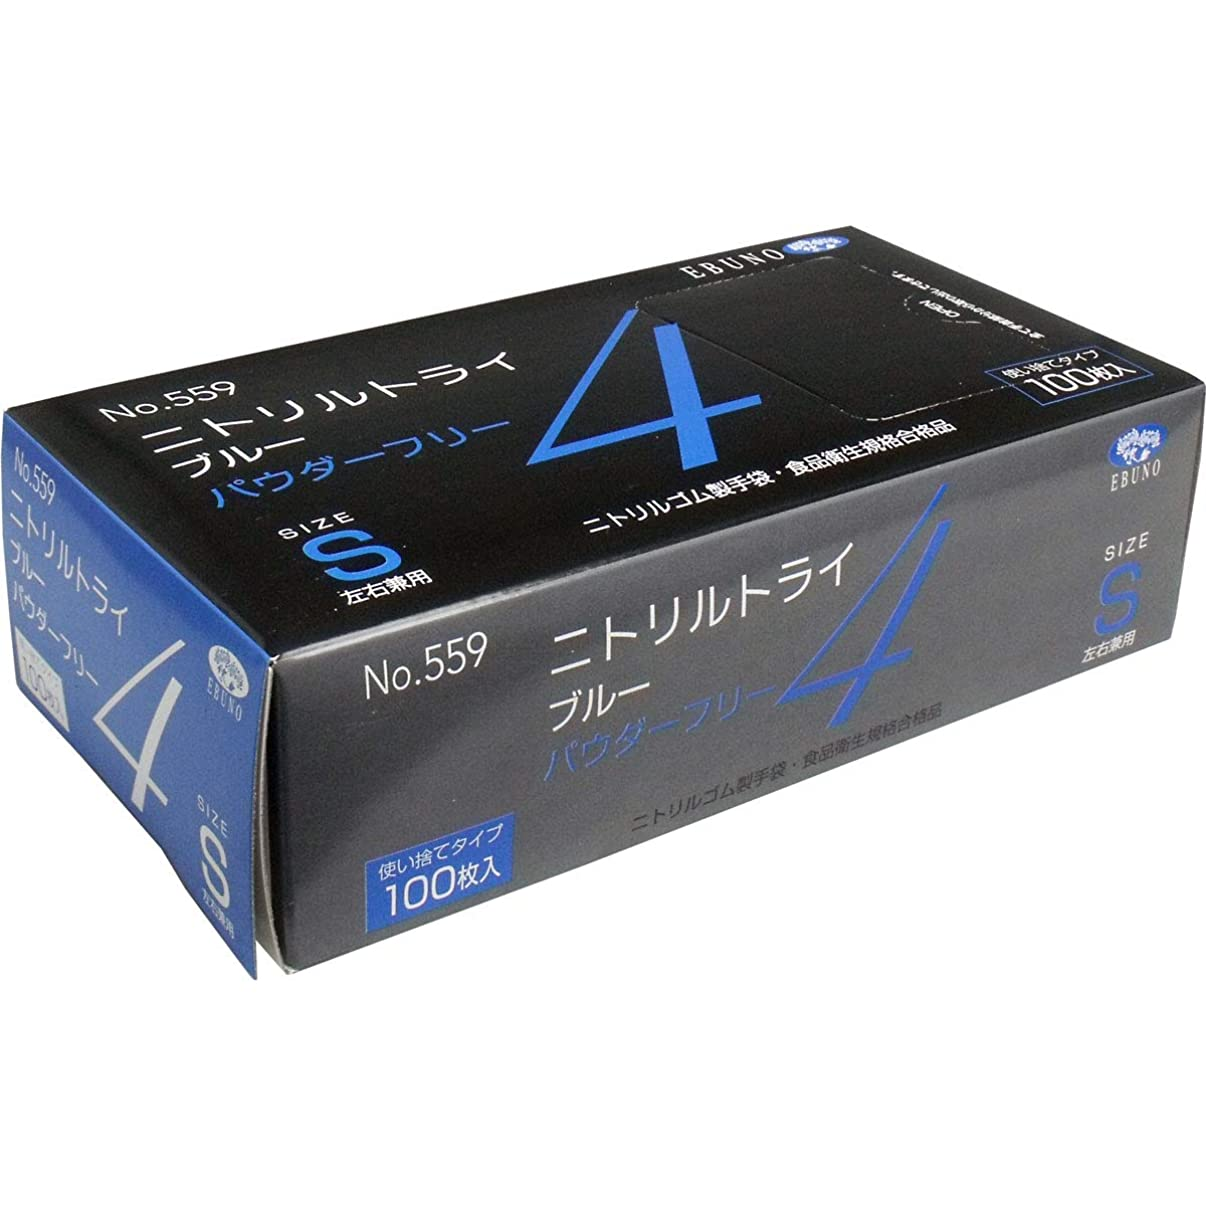 ペデスタルレンチ価値のないニトリルトライ4 手袋 ブルー パウダーフリー Sサイズ 100枚入×2個セット